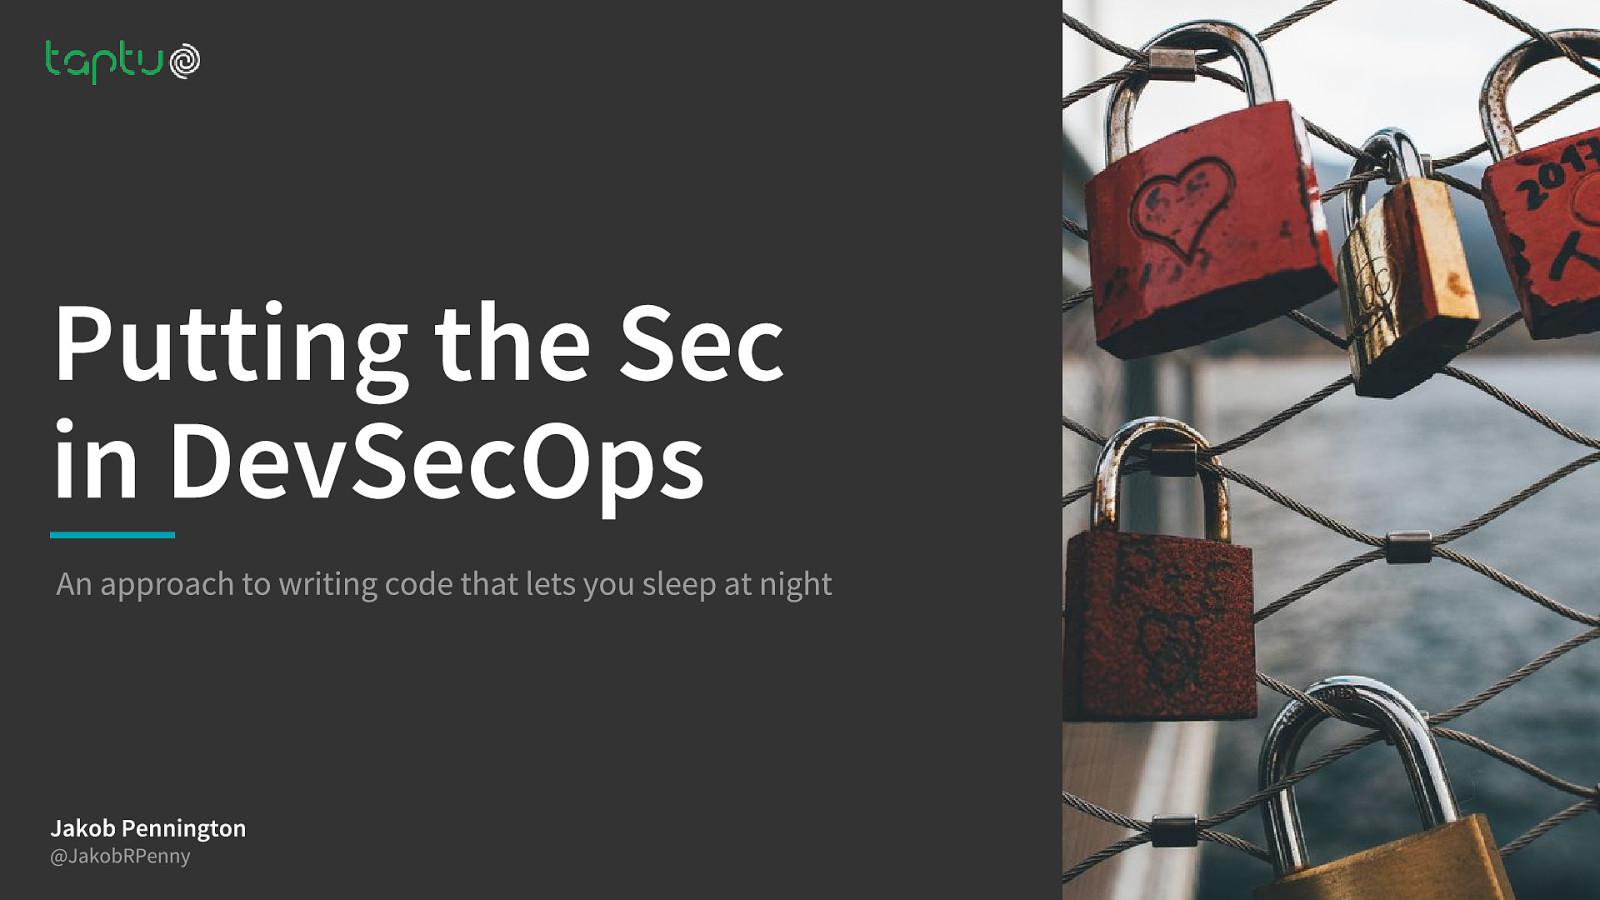 Putting the Sec in DevSecOps